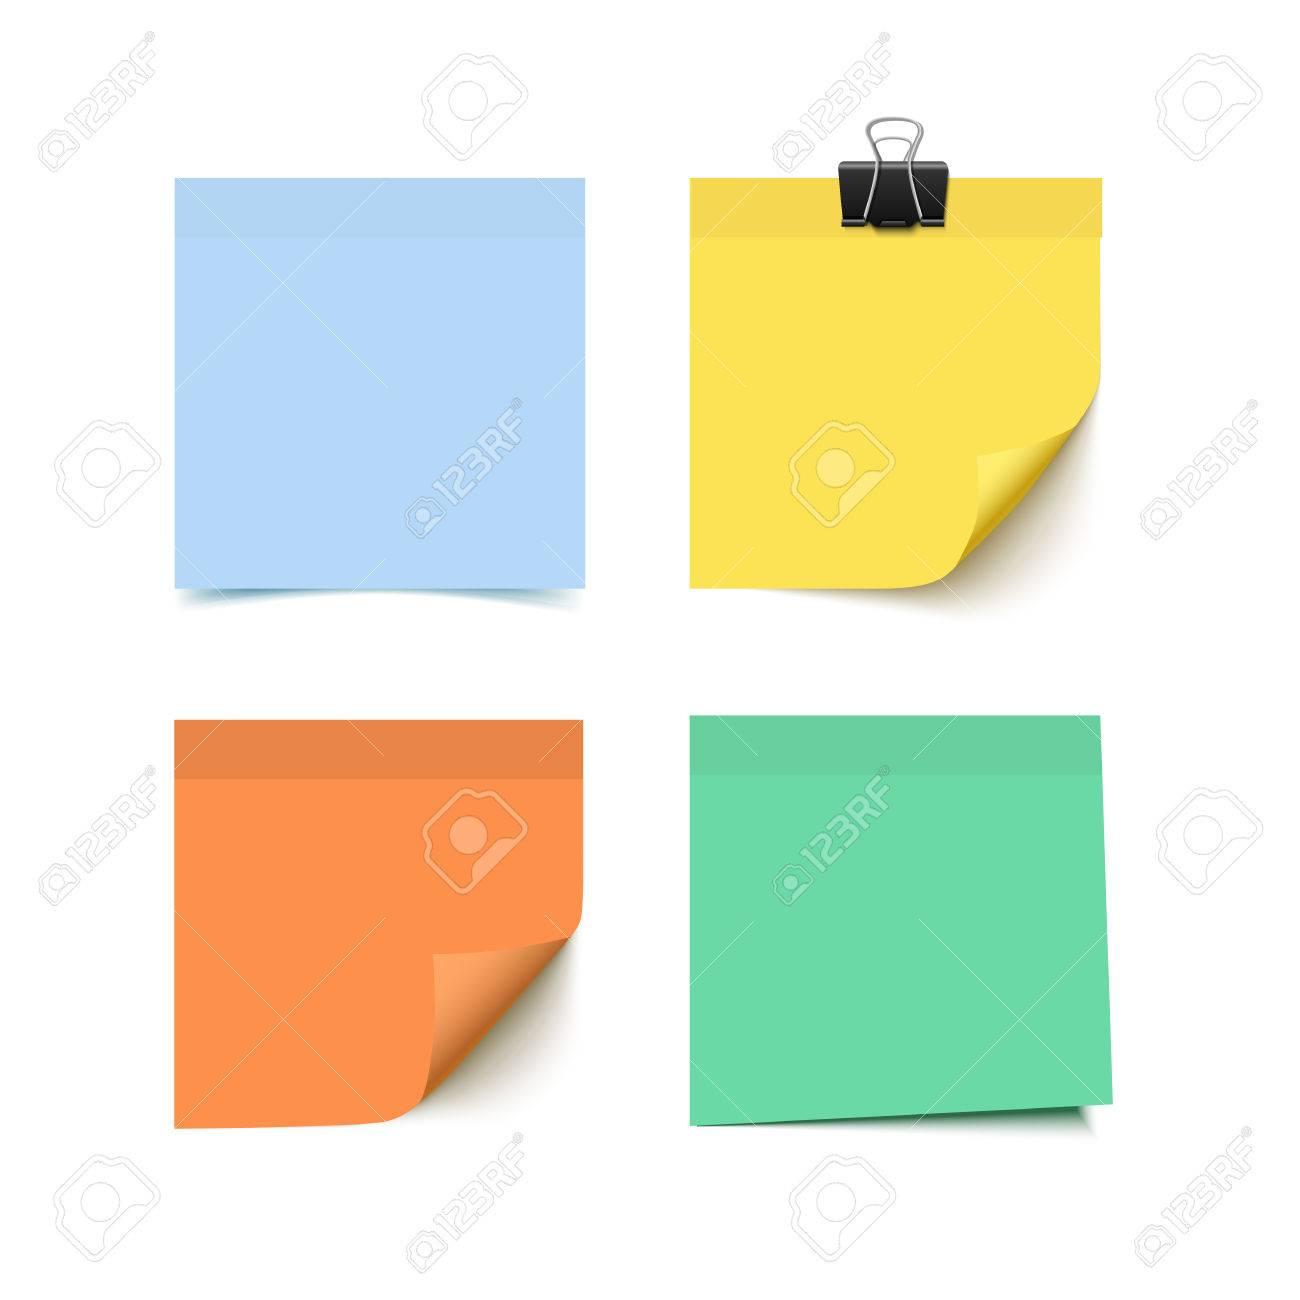 4 つのカラフルな付箋のセットです付箋紙のリアルなベクター イラスト